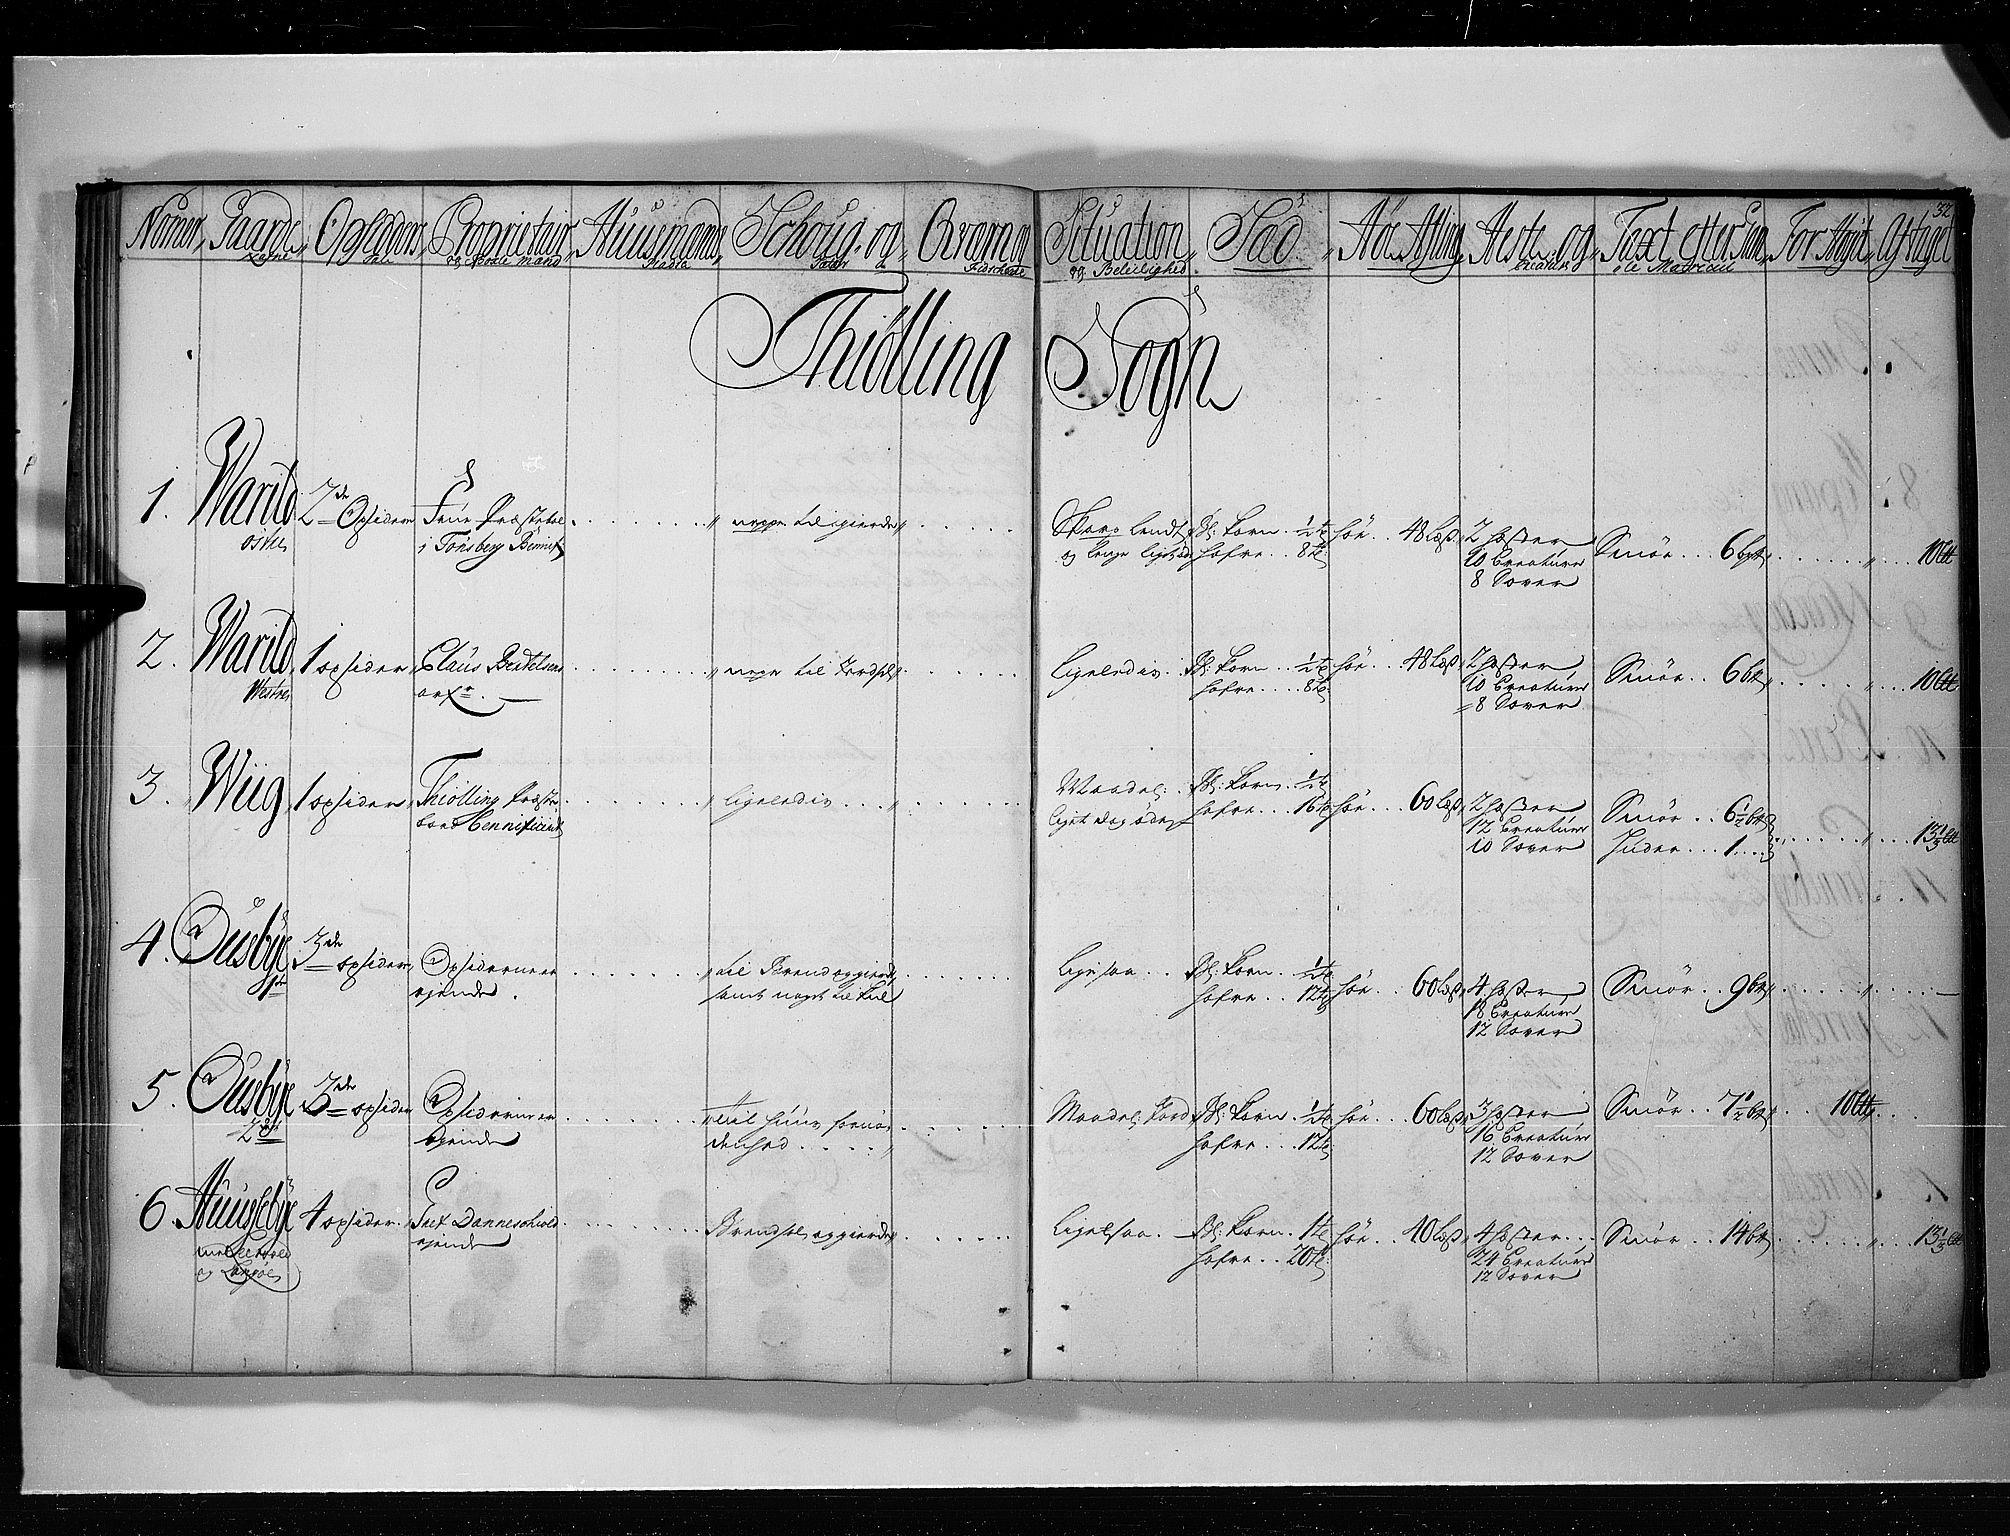 RA, Rentekammeret inntil 1814, Realistisk ordnet avdeling, N/Nb/Nbf/L0117: Larvik grevskap eksaminasjonsprotokoll, 1723, s. 31b-32a